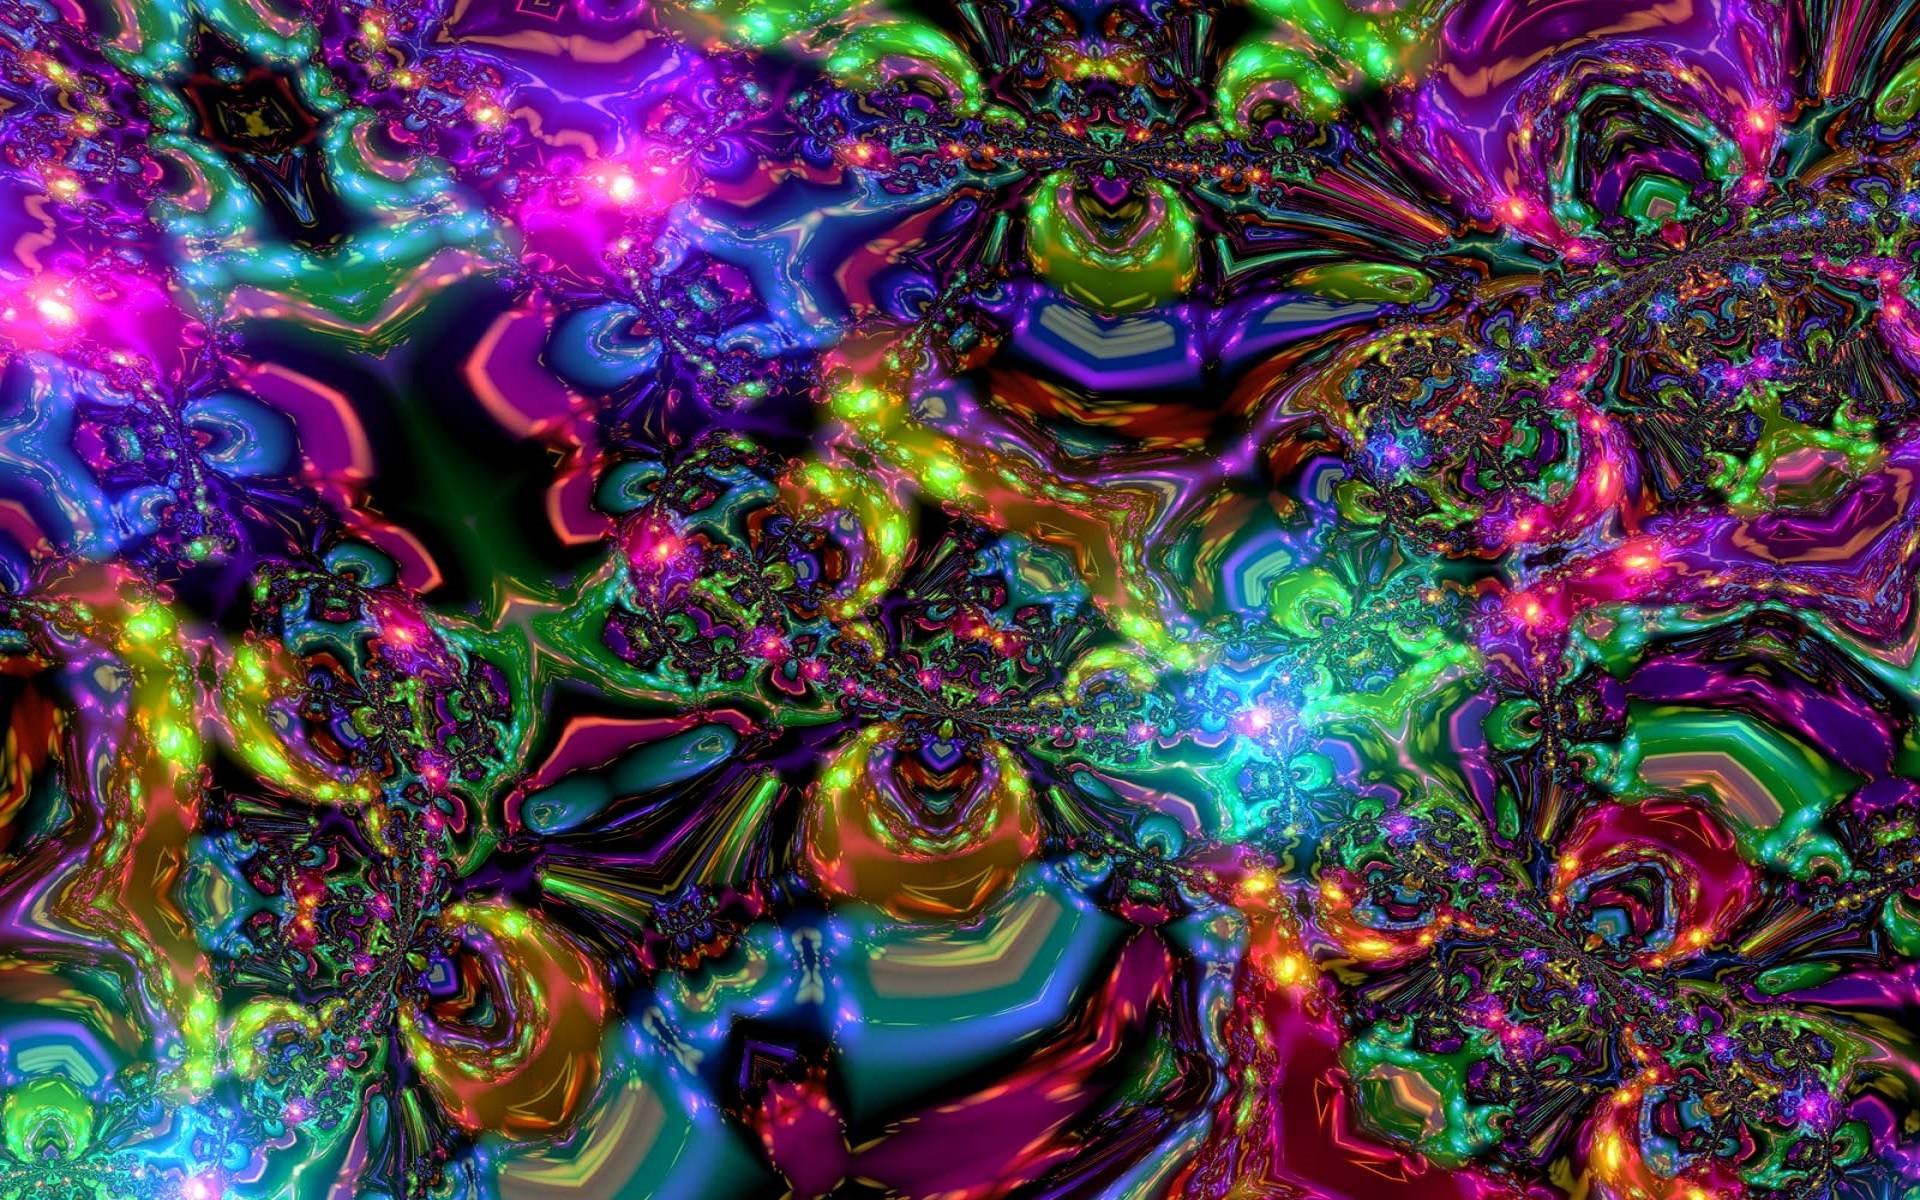 Trippy Alien Wallpapers Top Free Trippy Alien Backgrounds